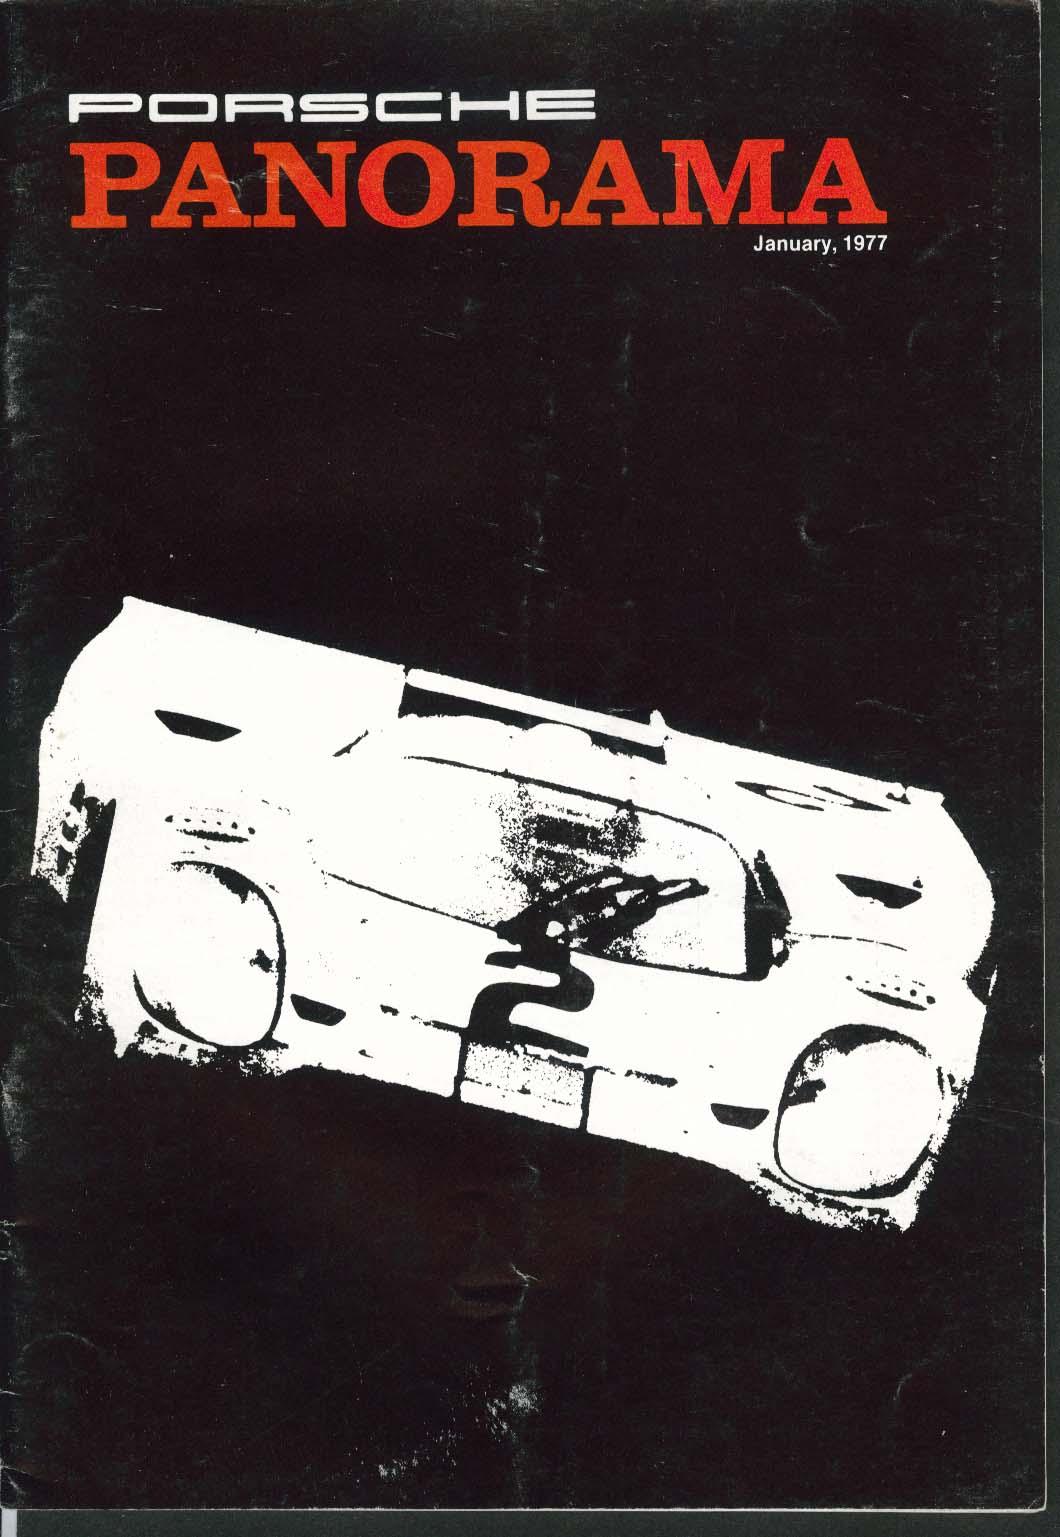 PORSCHE PANORAMA John B Milling Jane Nestlerode Sutterfield Weltmeister 1 1977